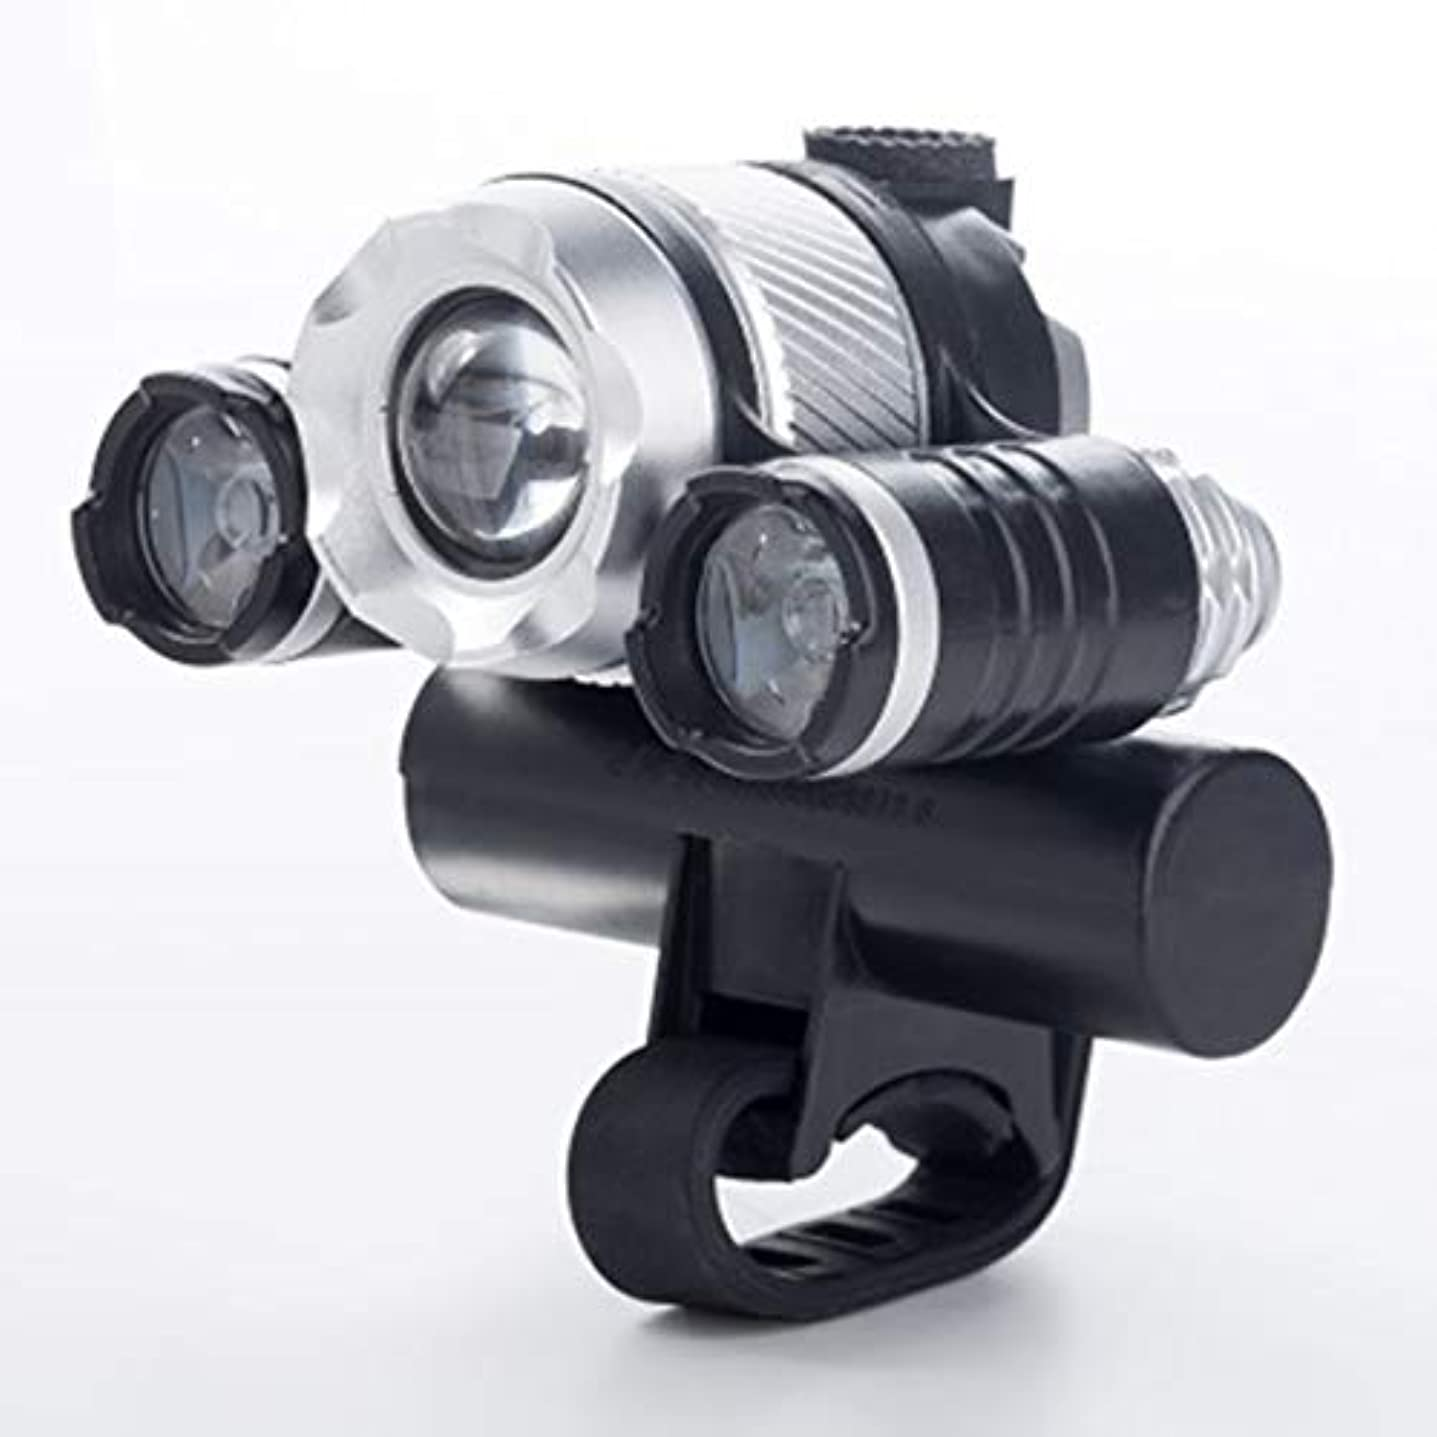 銃ラッカス減らすKongqiabona T6 LEDサイクリングランプUSB充電式自転車フロントライト自転車ヘッドライトバイシクルハンドルバーランプバイクパーツ